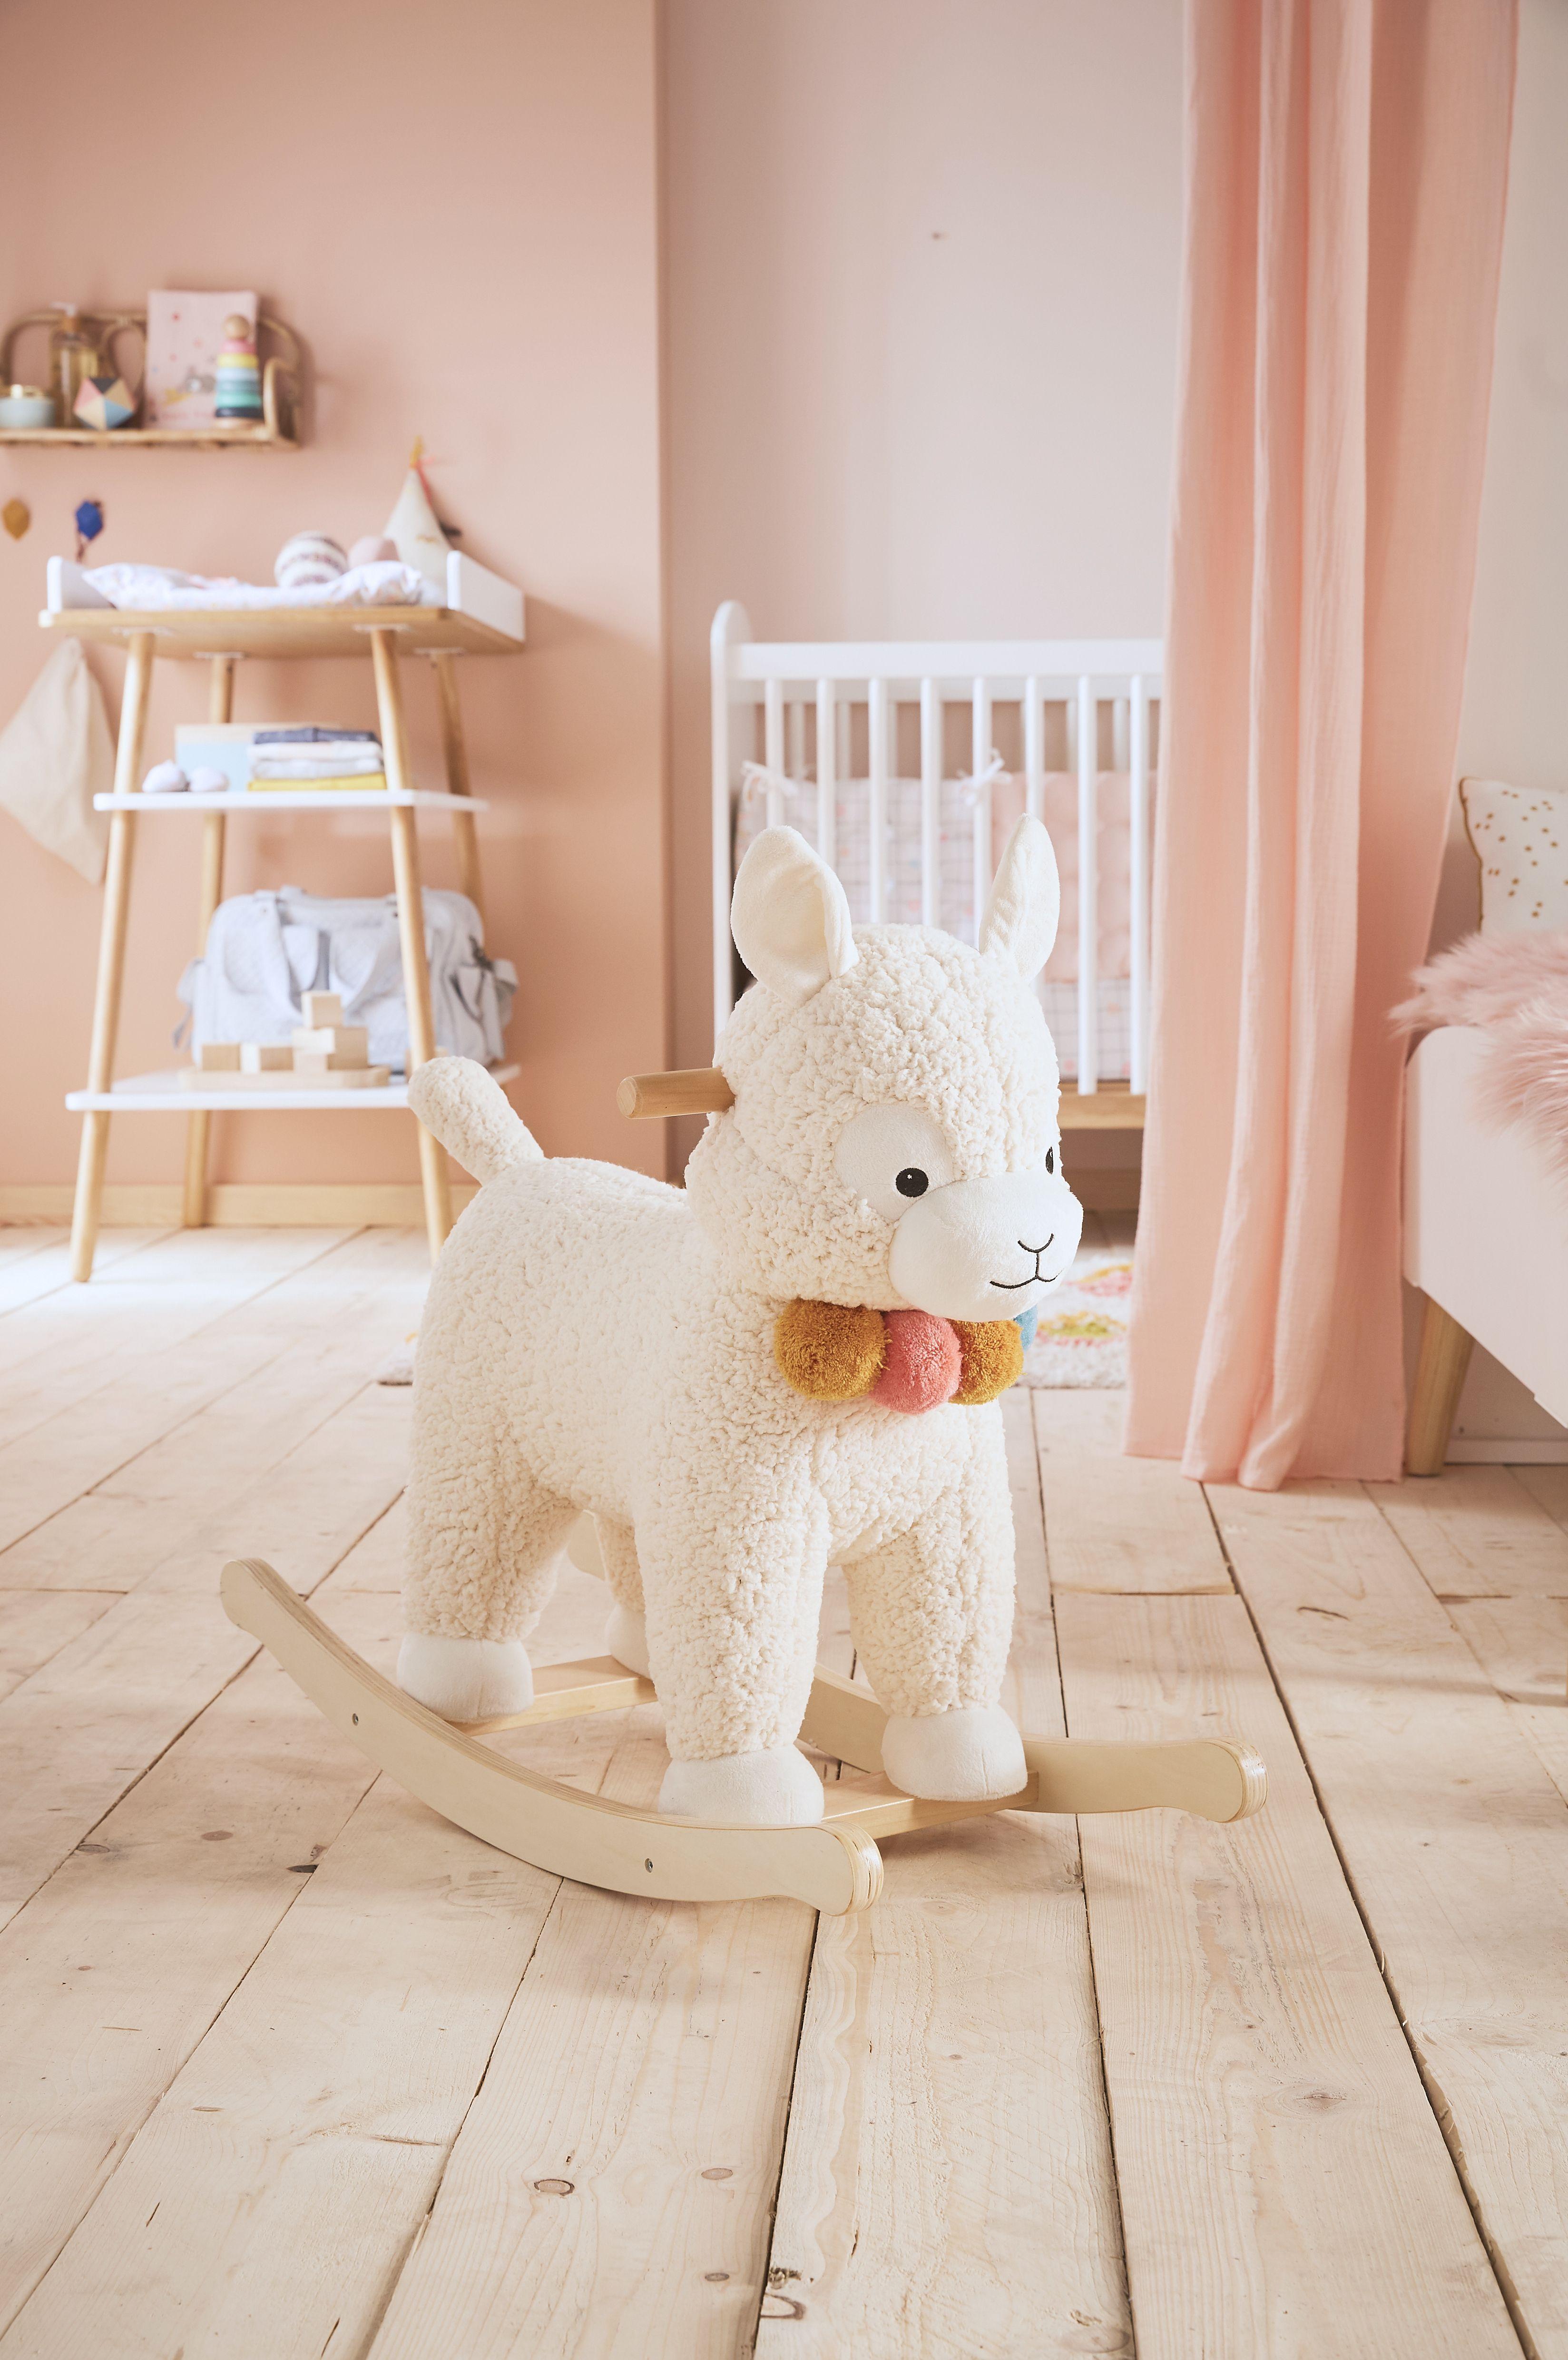 Voici Un Adorable Lama A Bascule Que Votre Enfant Adorera